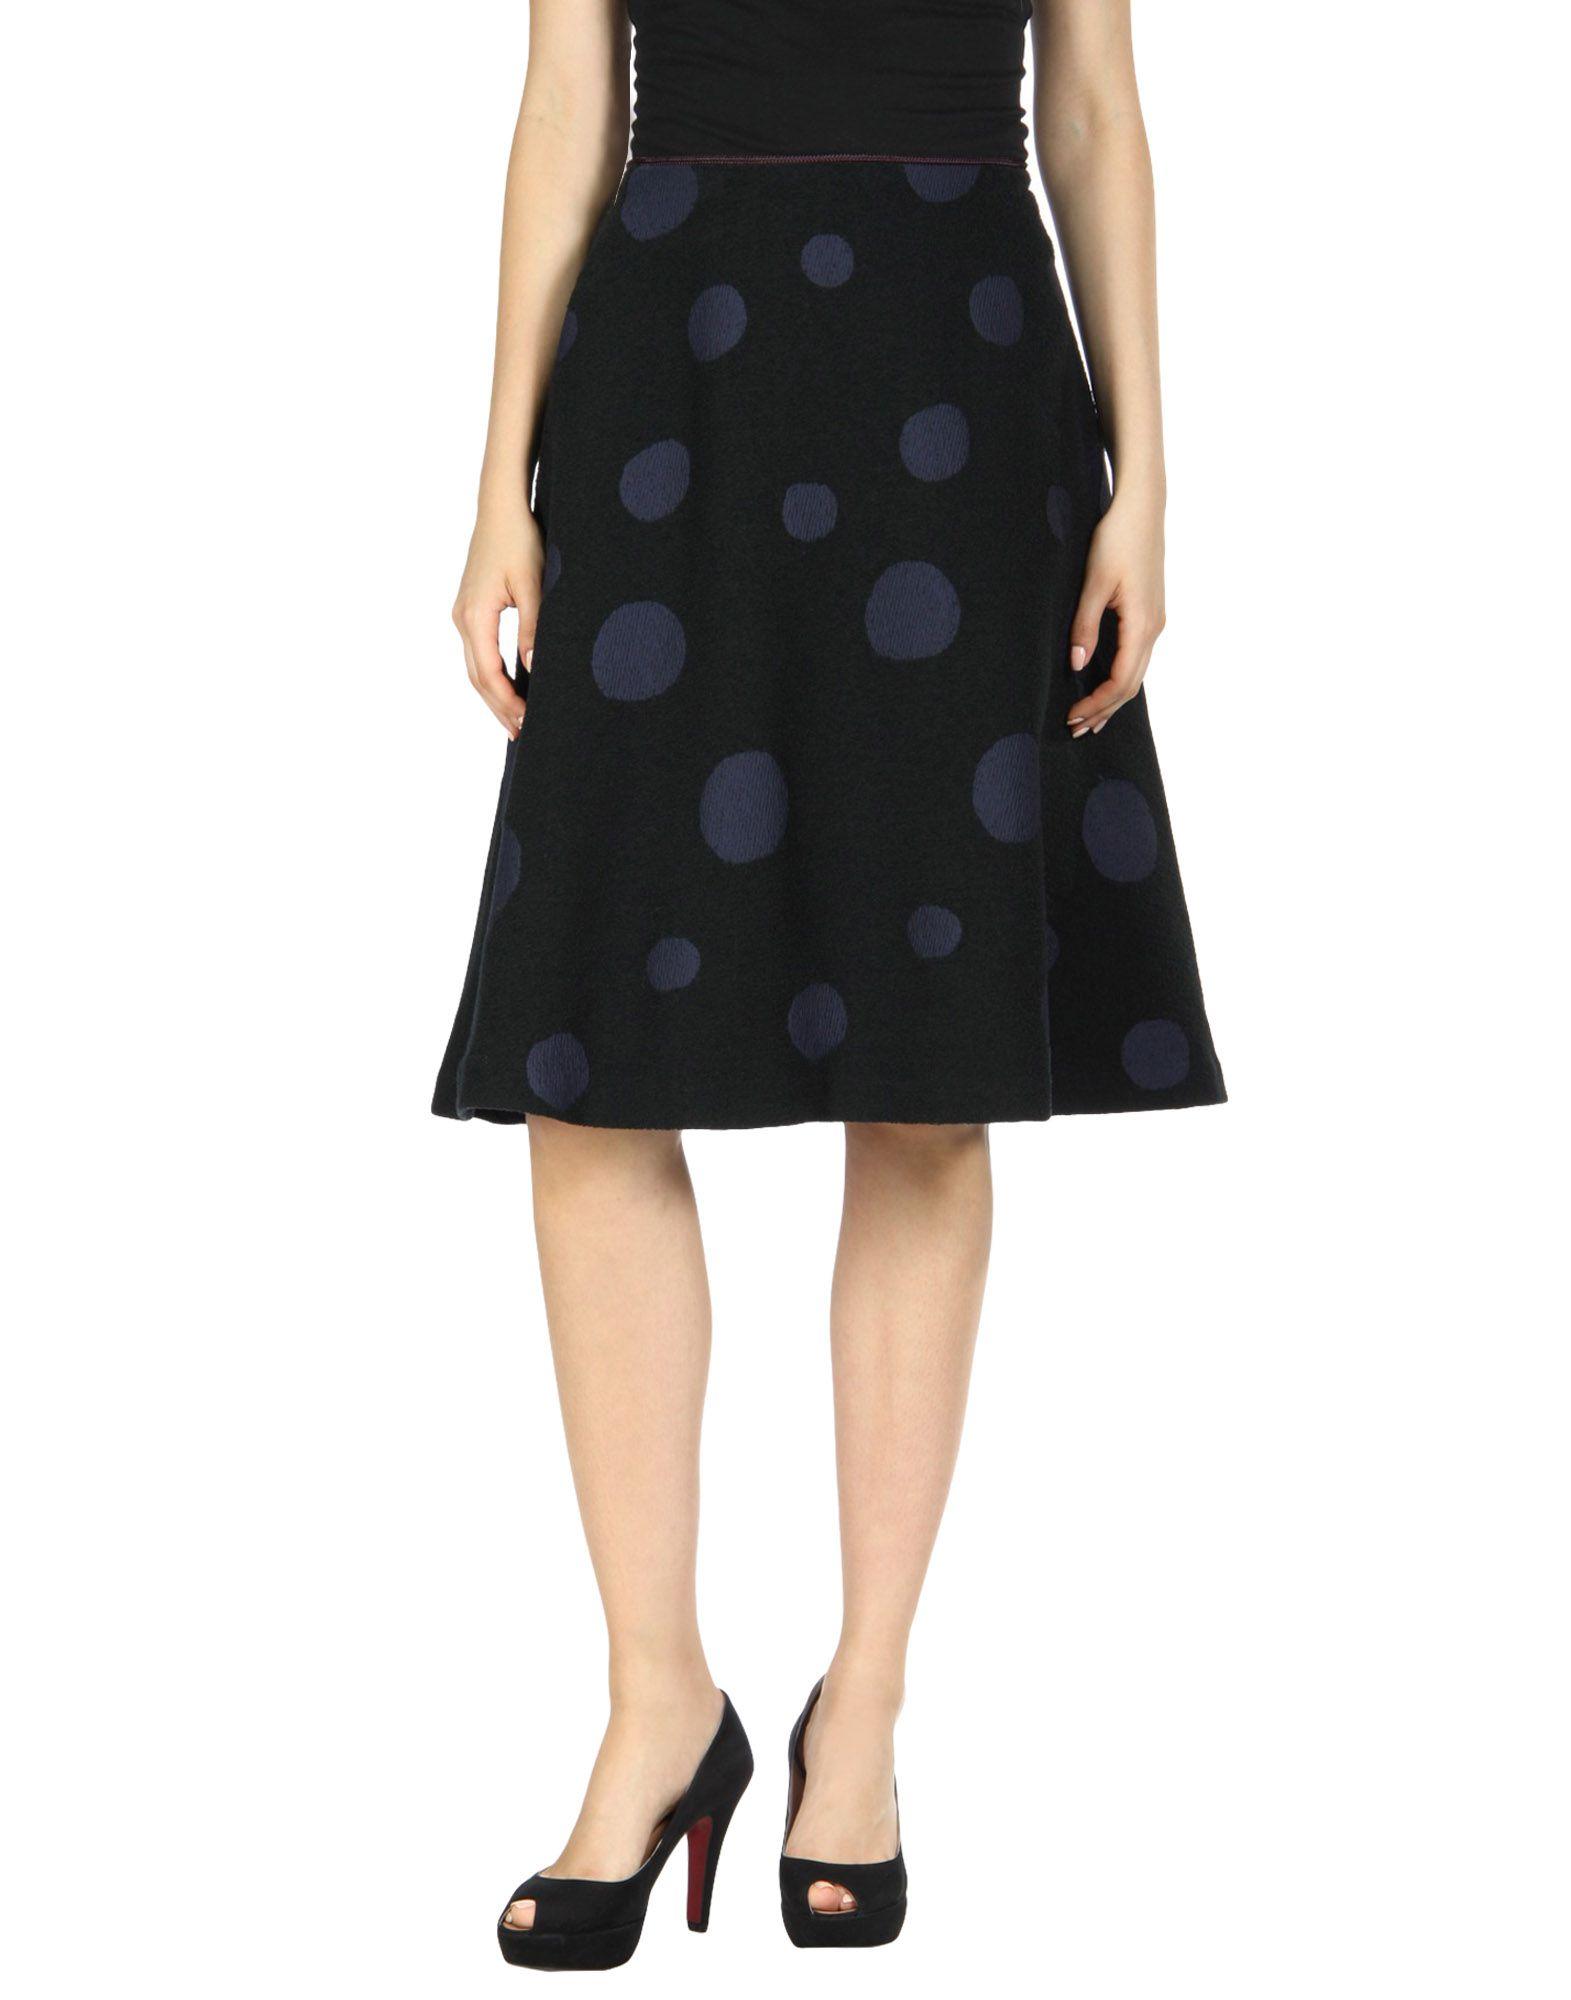 MINÄ PERHONEN Midi Skirts in Black